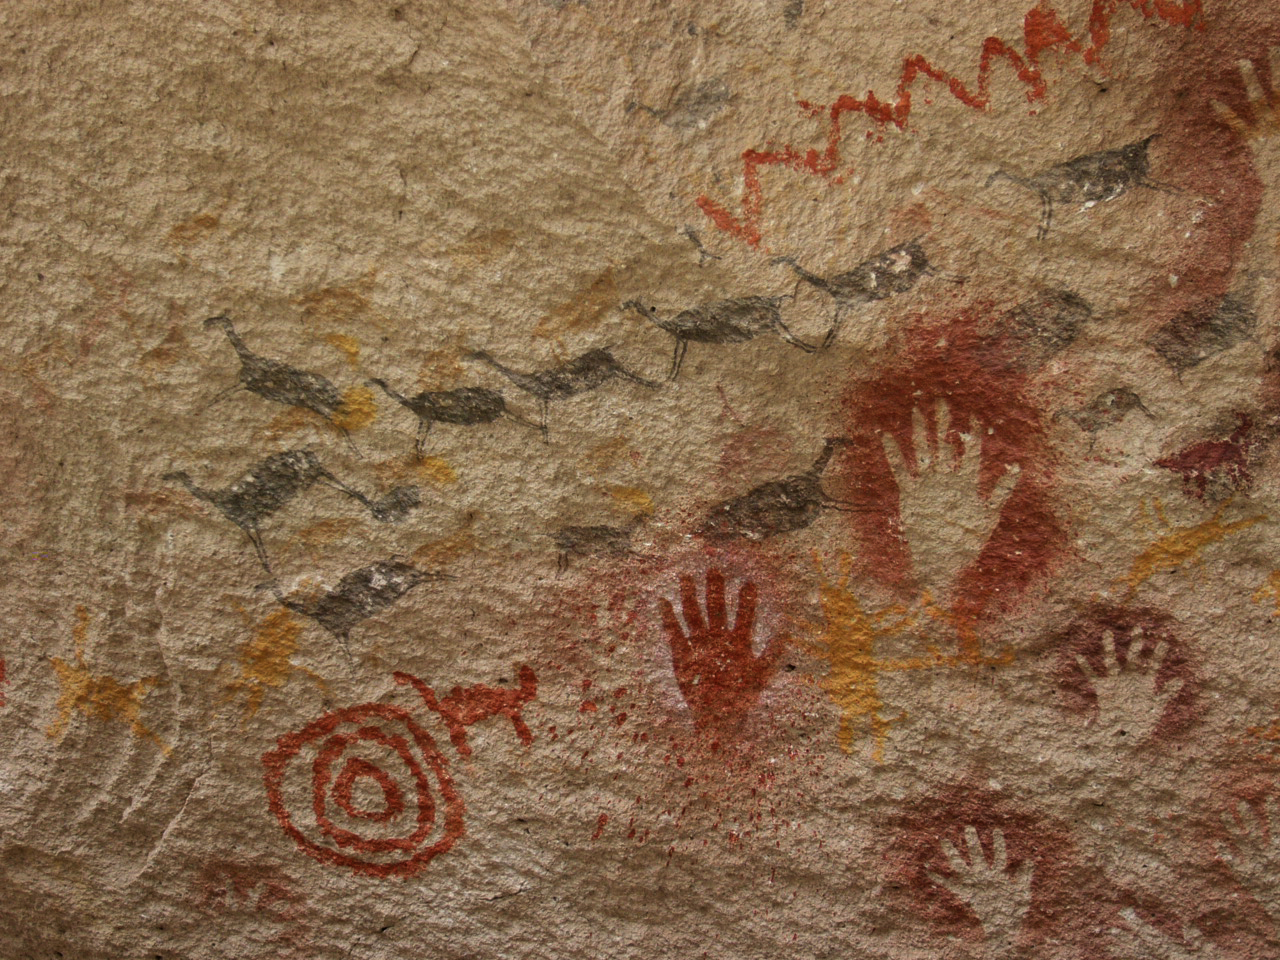 La Cueva de las Manos (« Grotte des Mains ») Argentine